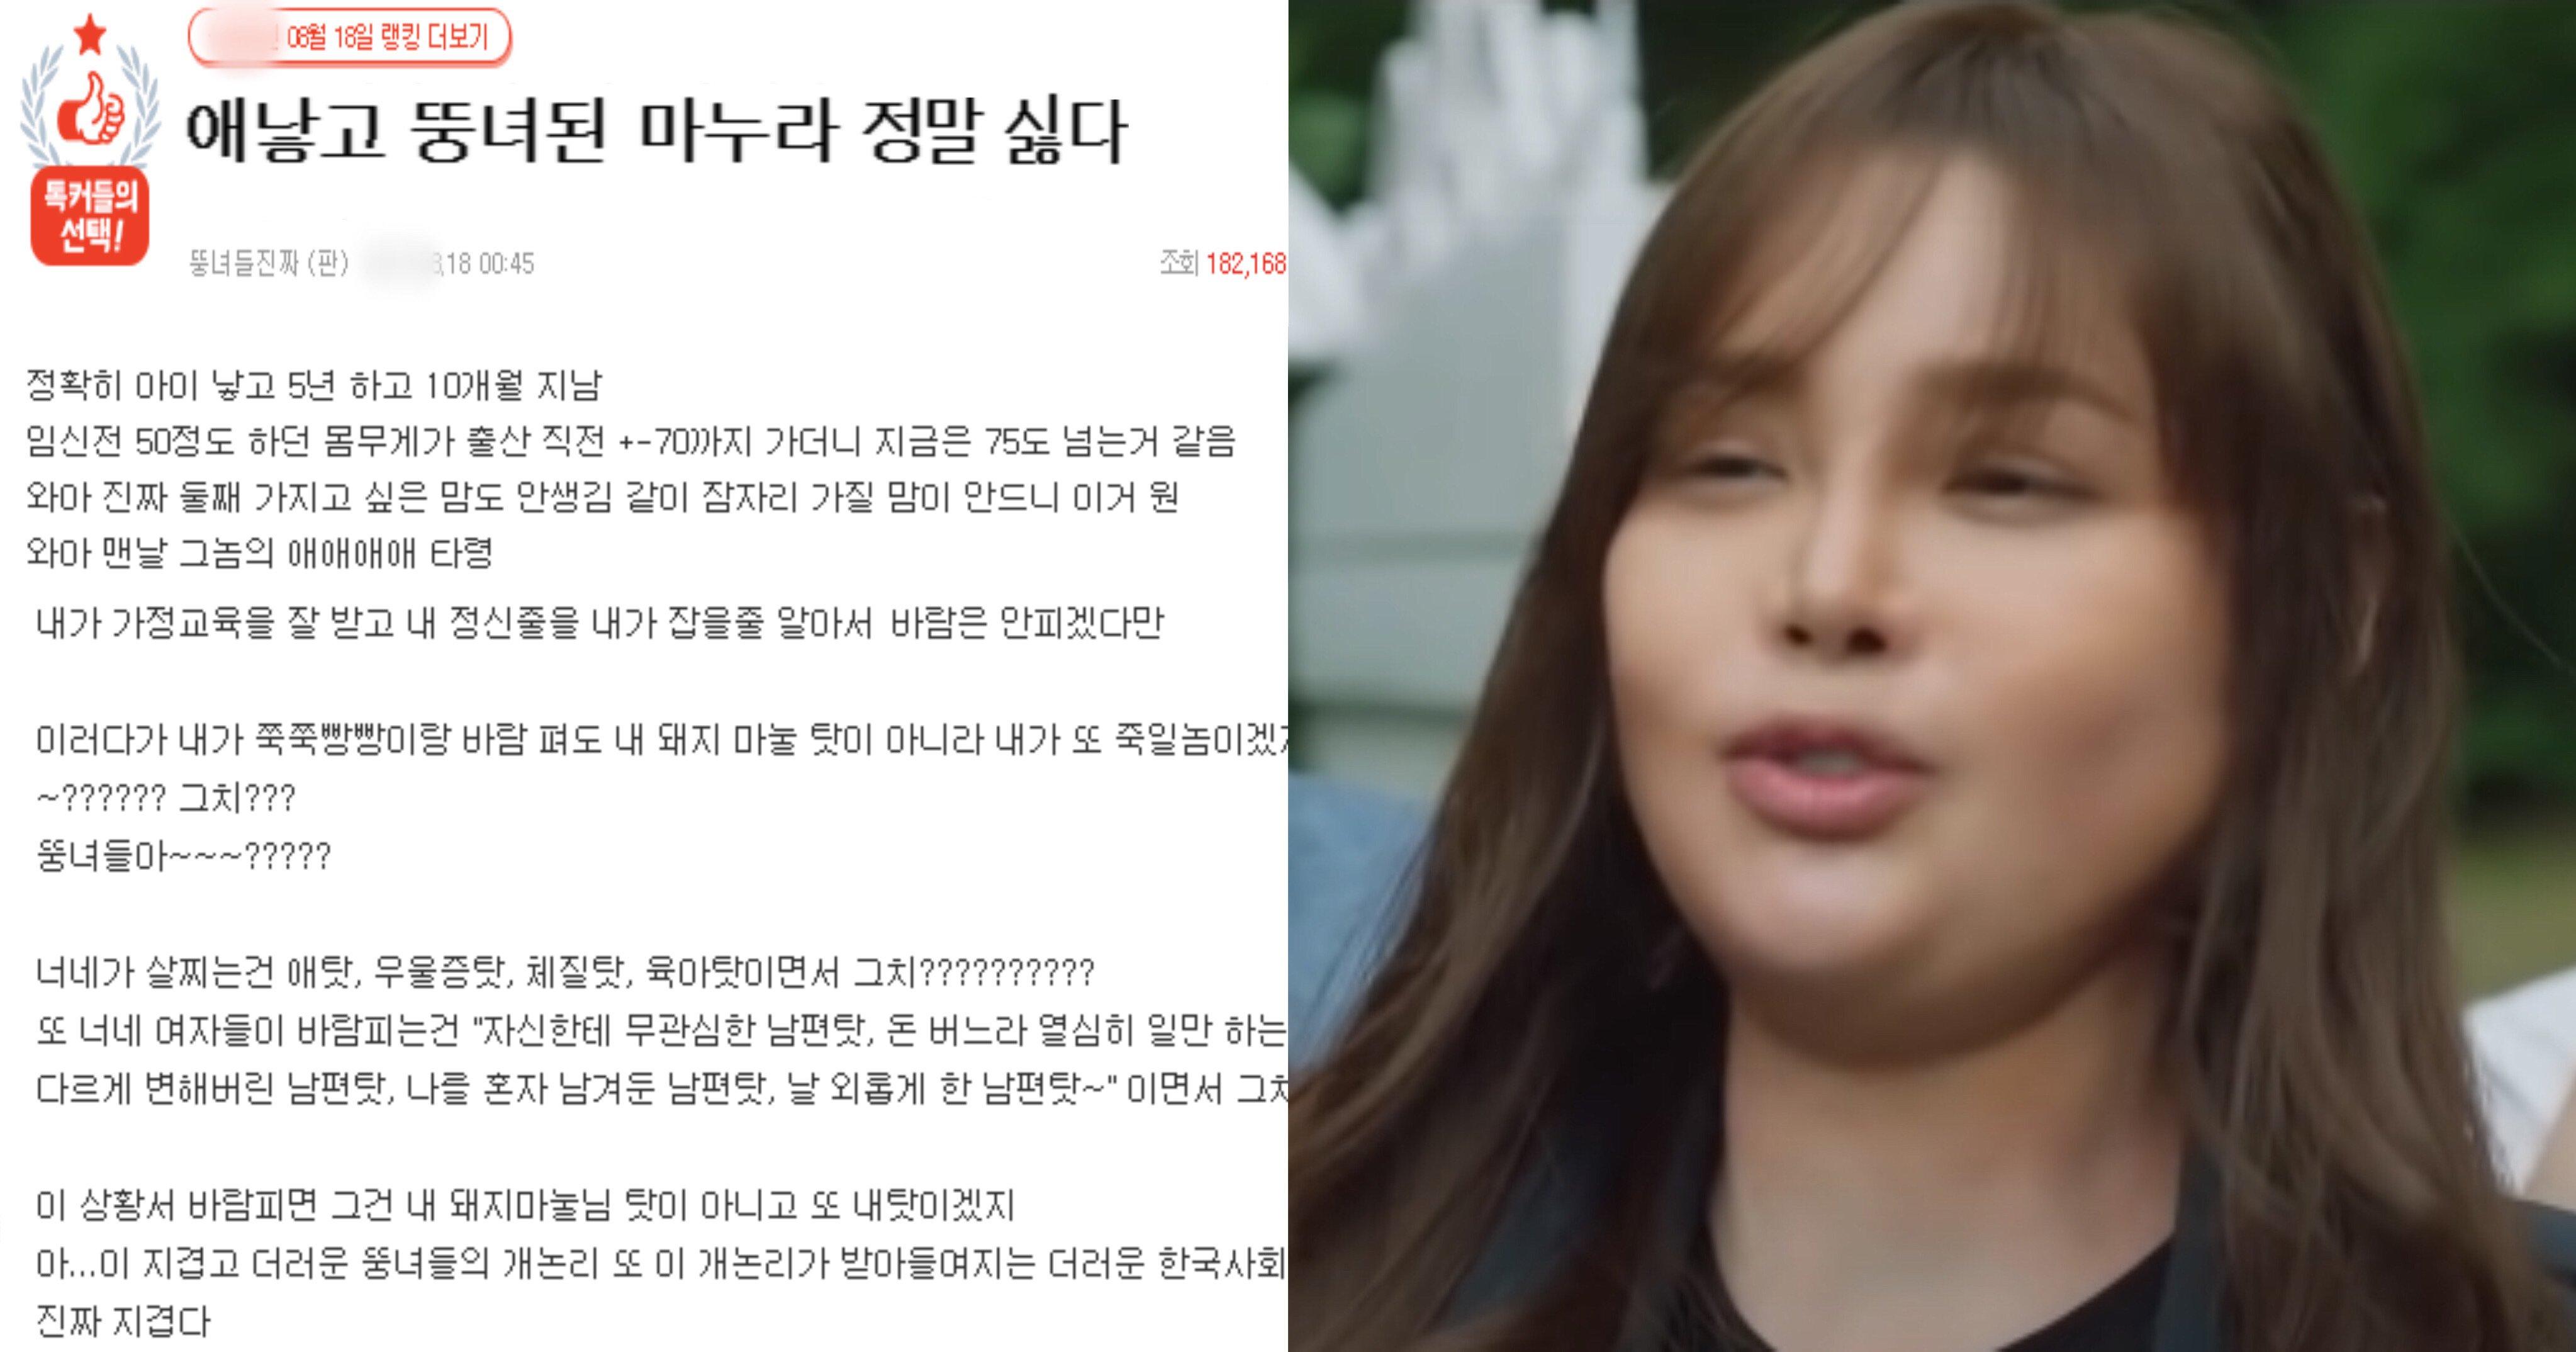 """1233.jpg?resize=1200,630 - """"애낳고 뚱녀된 마누라 정말 싫다""""며 네티즌들 사이에서 논란되고 있는 한 남성의 사연"""